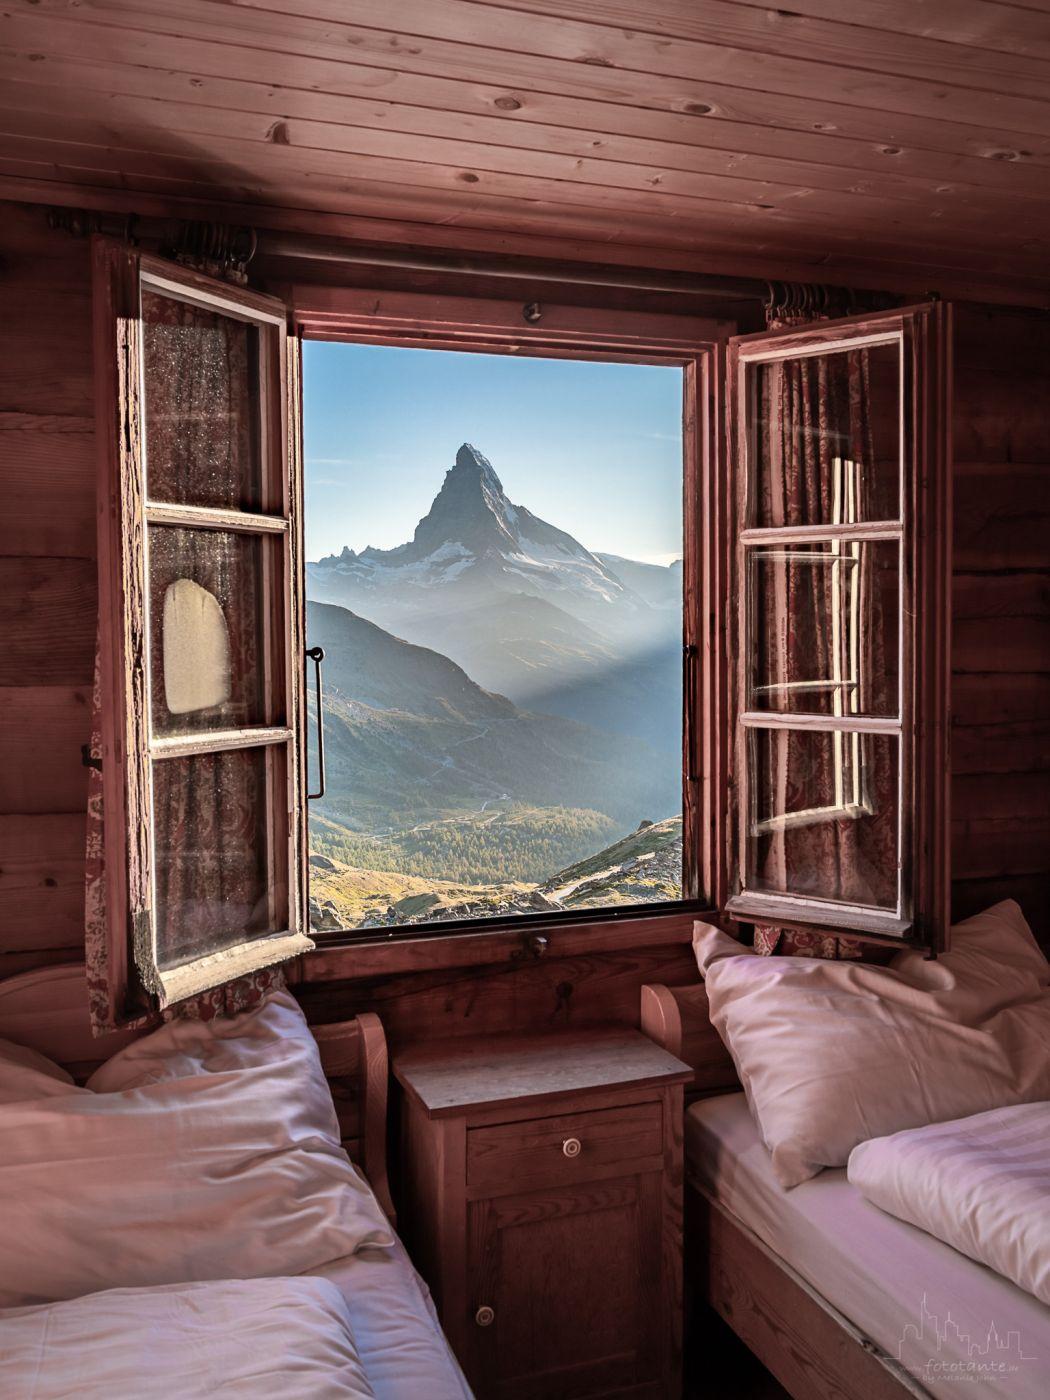 Room with a view - Matterhorn, Switzerland